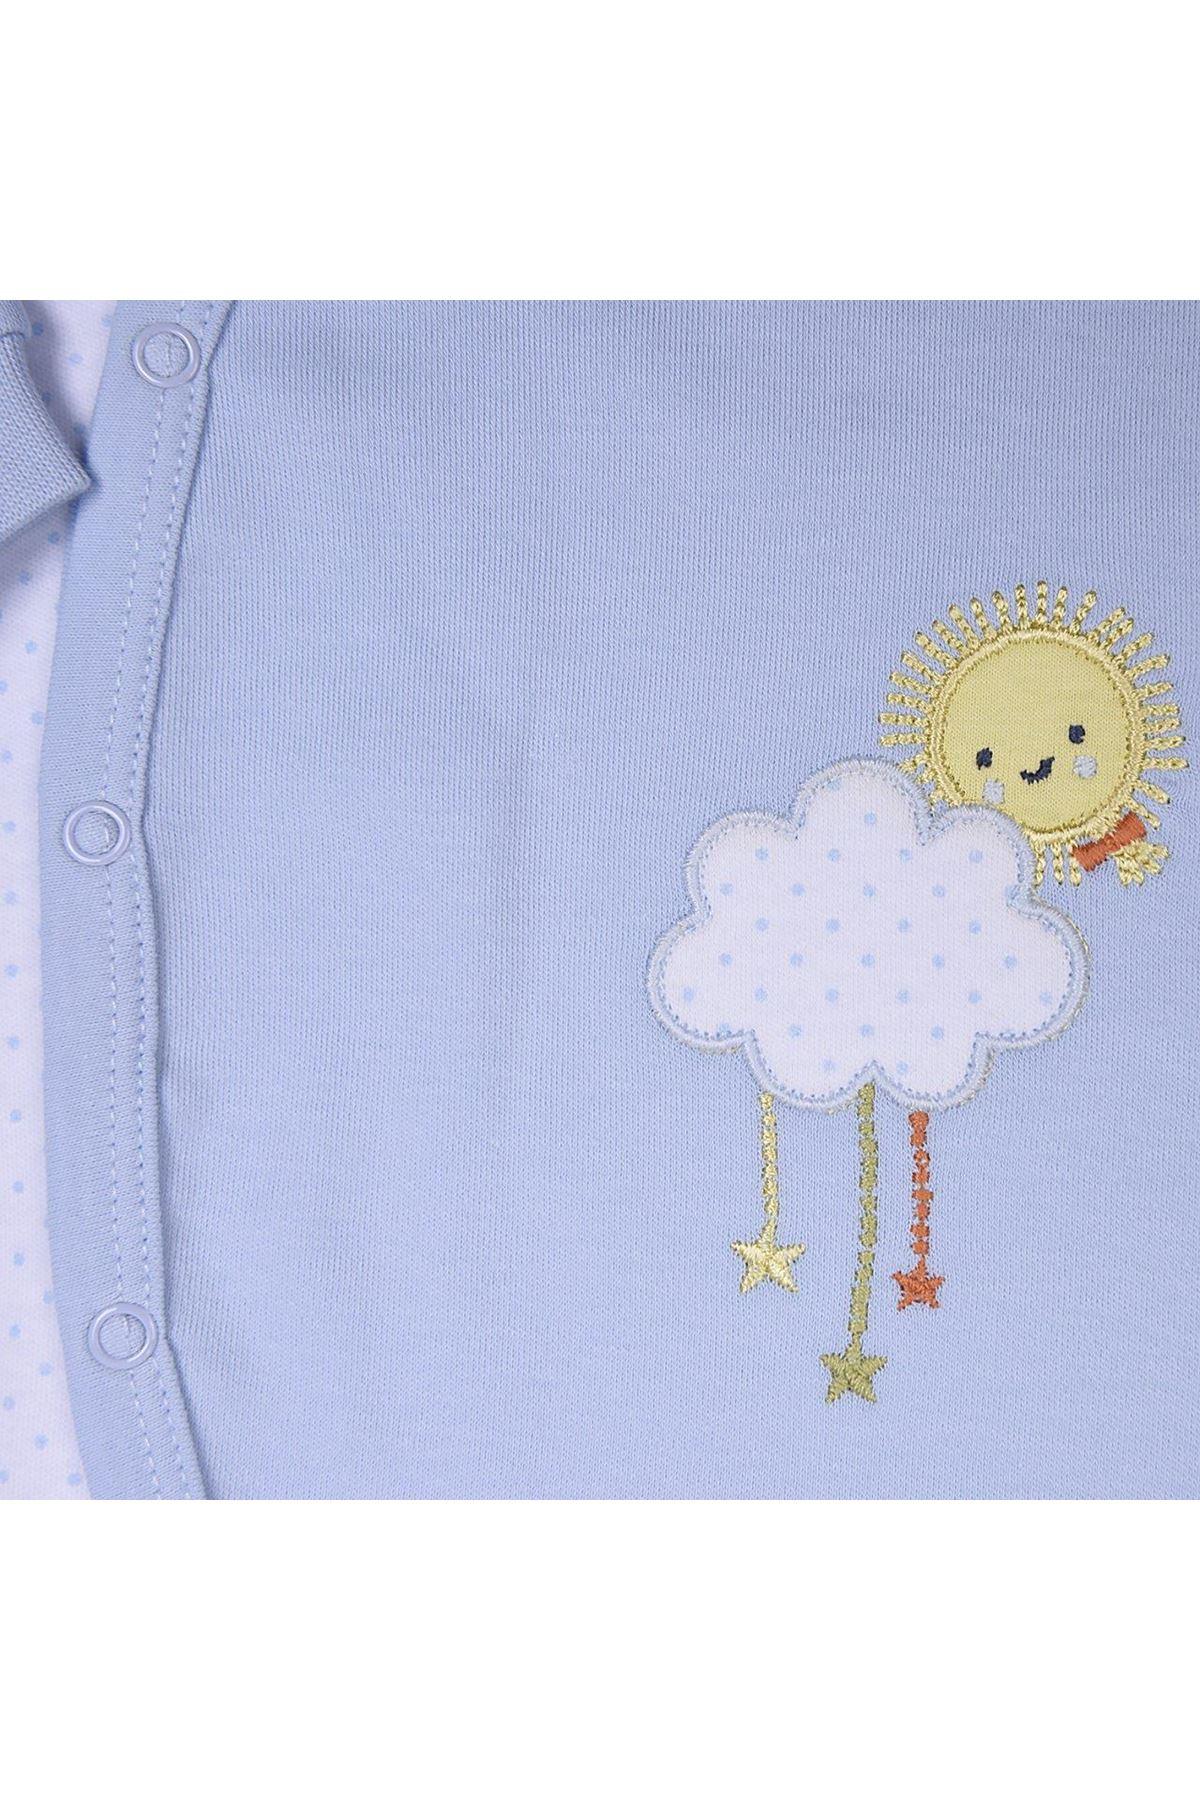 KitiKate Organik Dreams Smile Bebe Tulum 3348 Mavi